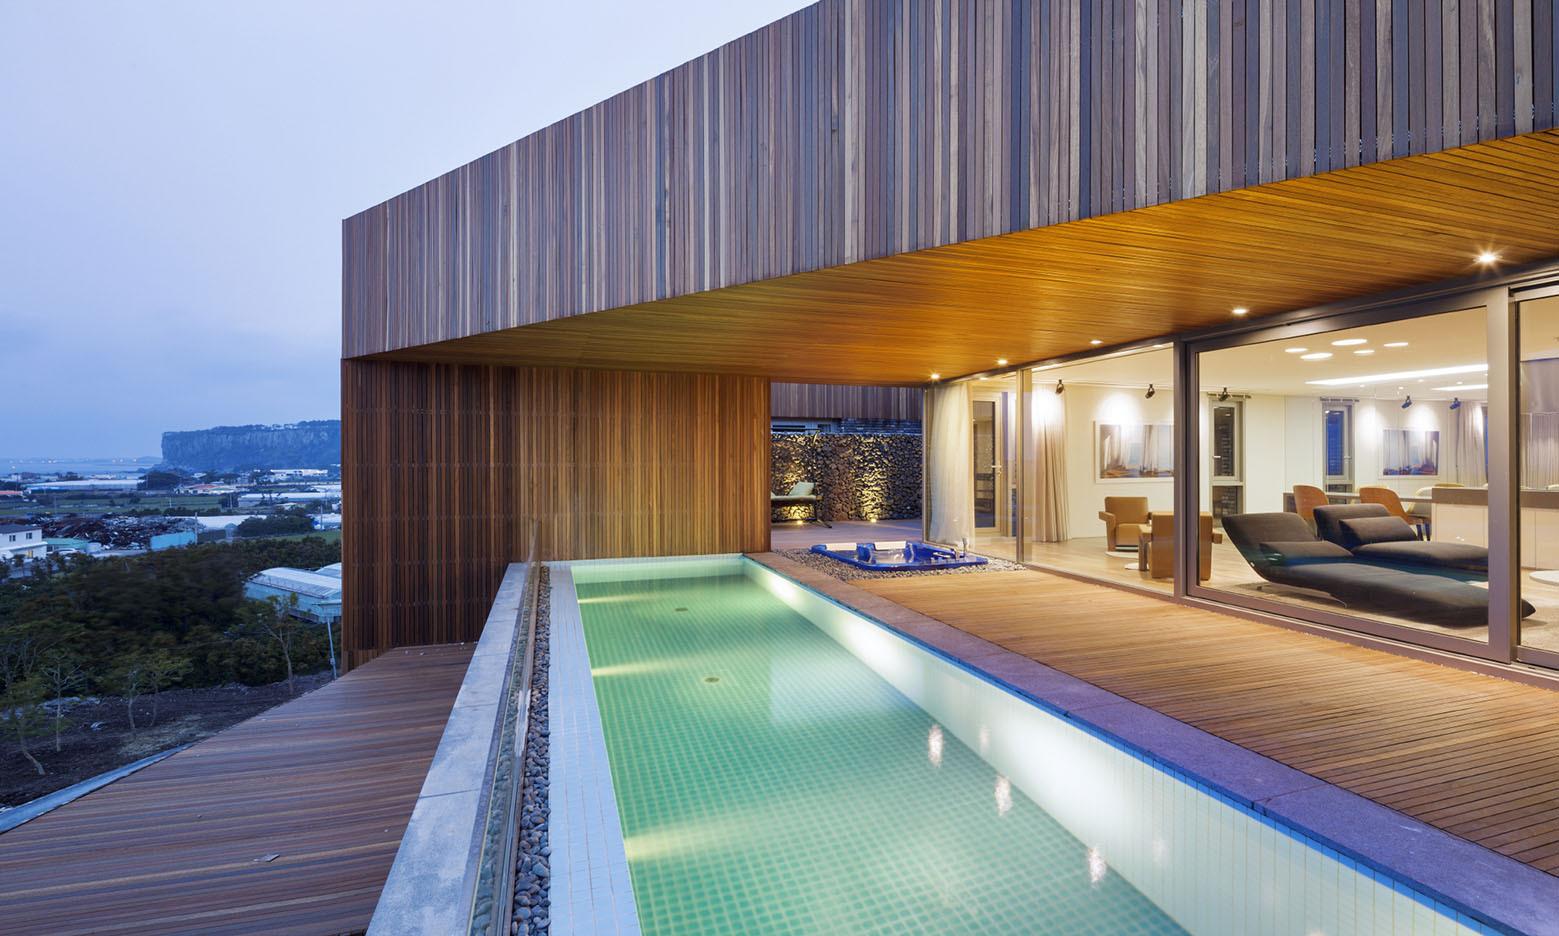 Jeju Bayhill Pool & Villa / Kim Dong-jin + L'eau Design (11)